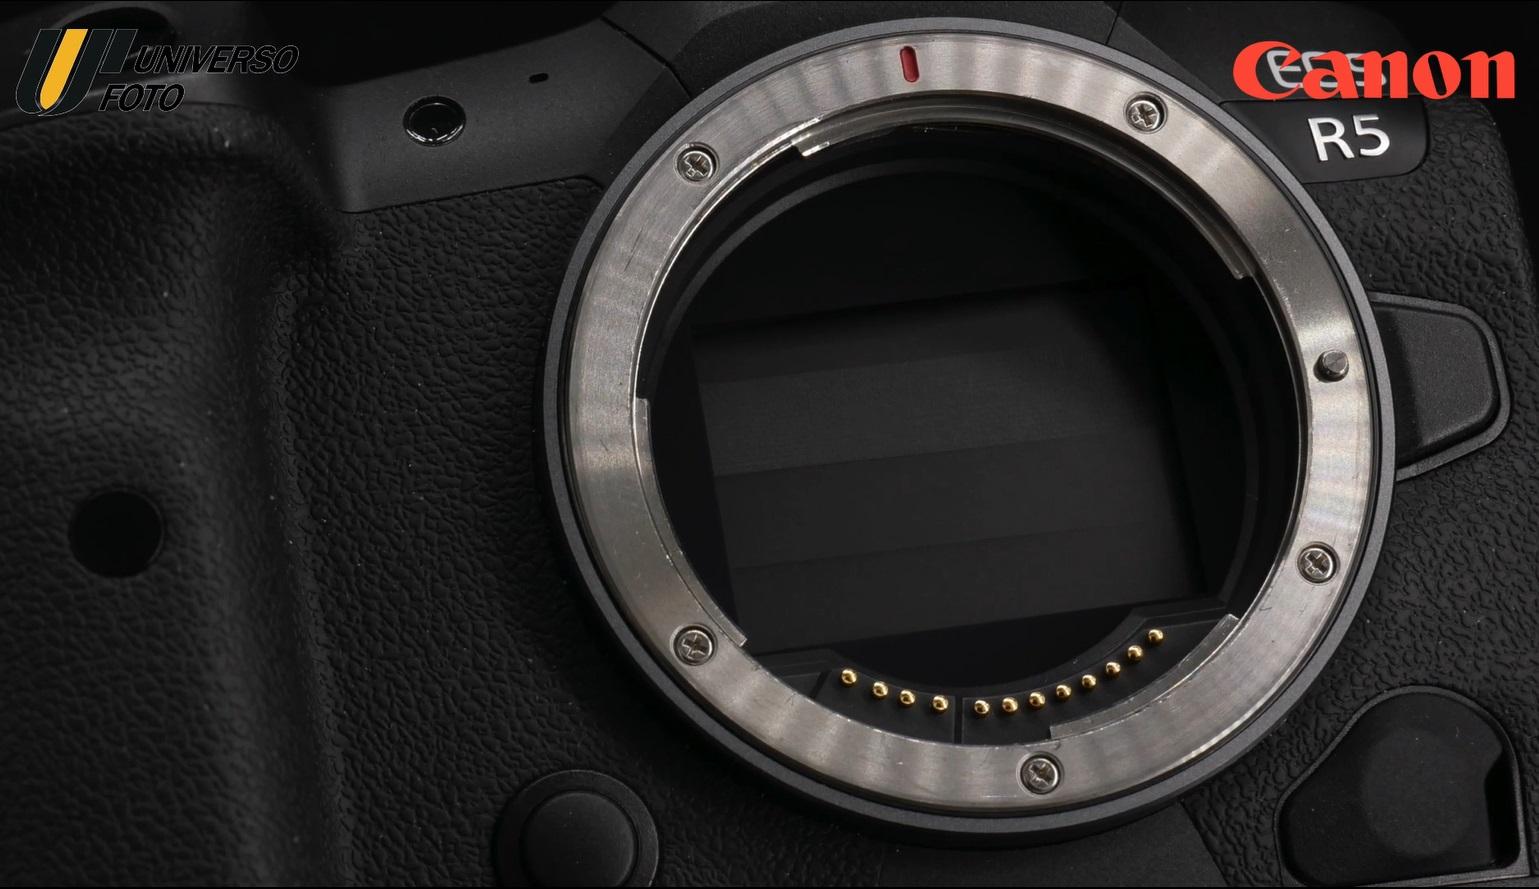 protezione-sensore-ottica-canon-eos-r5